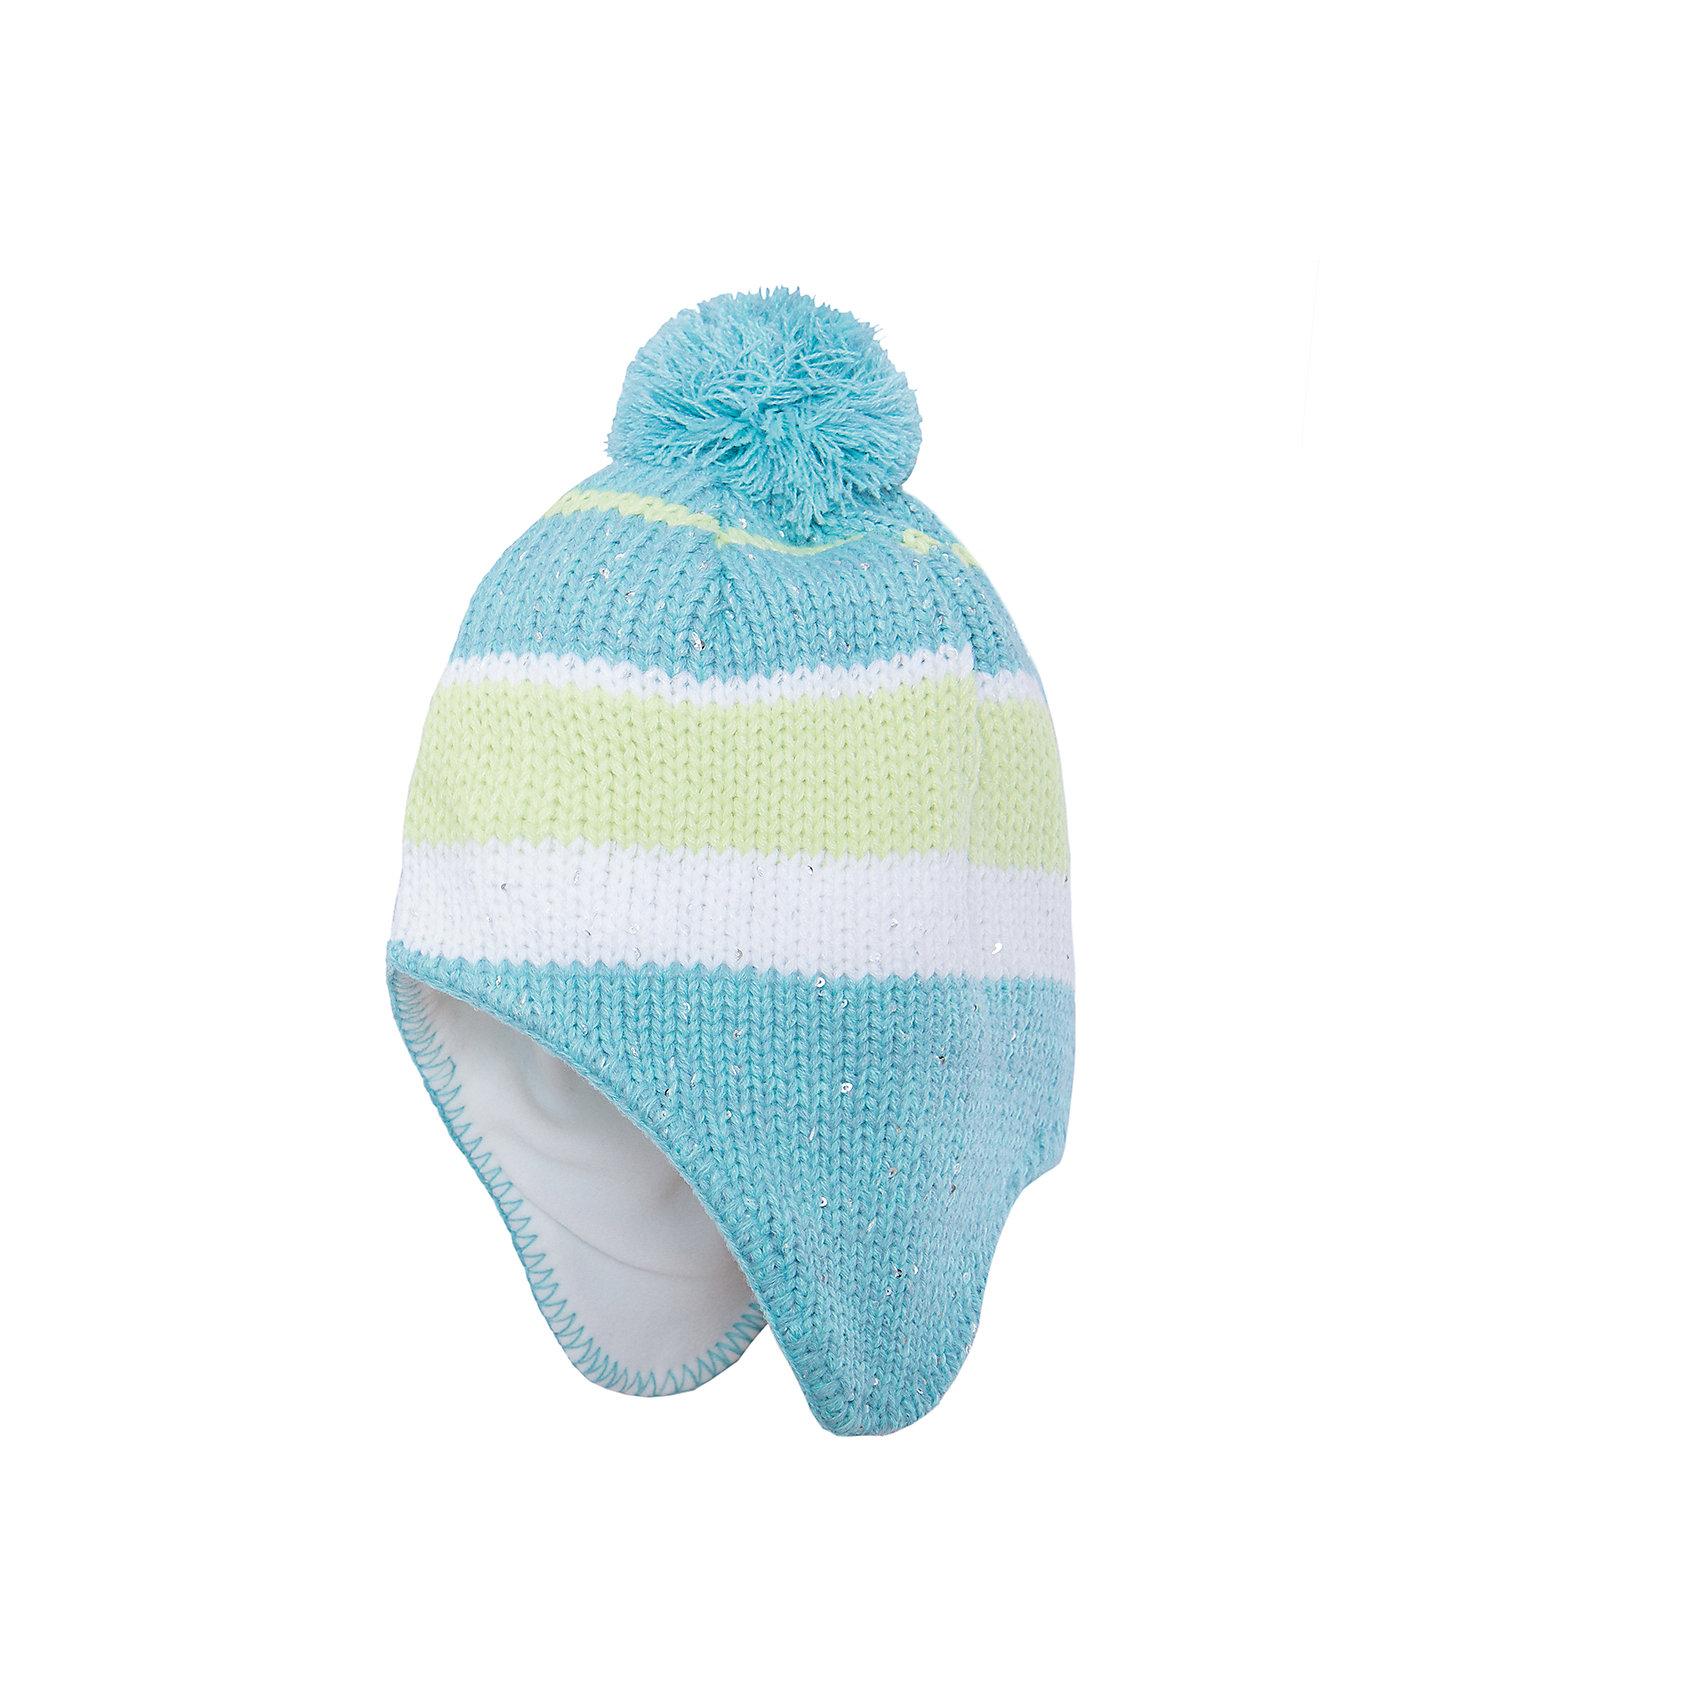 Шапка для девочки ScoolГоловные уборы<br>Характеристики:<br><br>• Вид одежды: шапка<br>• Пол: для девочки<br>• Сезон: зима, демисезонная (до -10 градусов)<br>• Материал: акрил – 100%, подкладка<br> – полиэстер, 100%<br>• Цвет: бирюзовый, белый, лимонный<br>• Наличие подкладка из флиса<br>• Наличие удлиненных боковин<br>• Особенности ухода: ручная стирка без применения отбеливающих средств<br><br>Scool – это линейка детской одежды и обуви, которая предназначена как для повседневности, так и для праздников. Большинство моделей выполнены в классическом стиле, сочетающем в себе традиции с яркими стильными элементами и аксессуарами. Весь ассортимент одежды и обуви Scool сочетается между собой по стилю и цветовому решению, поэтому Вам будет легко сформировать гардероб вашего ребенка, который отражает его индивидуальность. <br>Шапка для девочки Scool выполнена из трикотажа, который вывязан акрилом. Изделие имеет классическую вязку, выполнено в модном бирюзовом оттенке с добавлением полос из белого и лимонного оттенков, на макушке имеется помпон бирюзового цвета. Шапка с утеплением из флиса и удлиненными боковинами обеспечит тепло в прохладные зимние дни. За изделием легко ухаживать, благодаря акриловым ниткам она хорошо держит форму, не скатывается и не изменяет цвет. Шапка для девочки Scool, – это идеальный вариант для прохладной погоды!<br><br>Шапку для девочки Scool, можно купить в нашем интернет-магазине.<br><br>Ширина мм: 89<br>Глубина мм: 117<br>Высота мм: 44<br>Вес г: 155<br>Цвет: разноцветный<br>Возраст от месяцев: 72<br>Возраст до месяцев: 84<br>Пол: Женский<br>Возраст: Детский<br>Размер: 54,56<br>SKU: 4912091